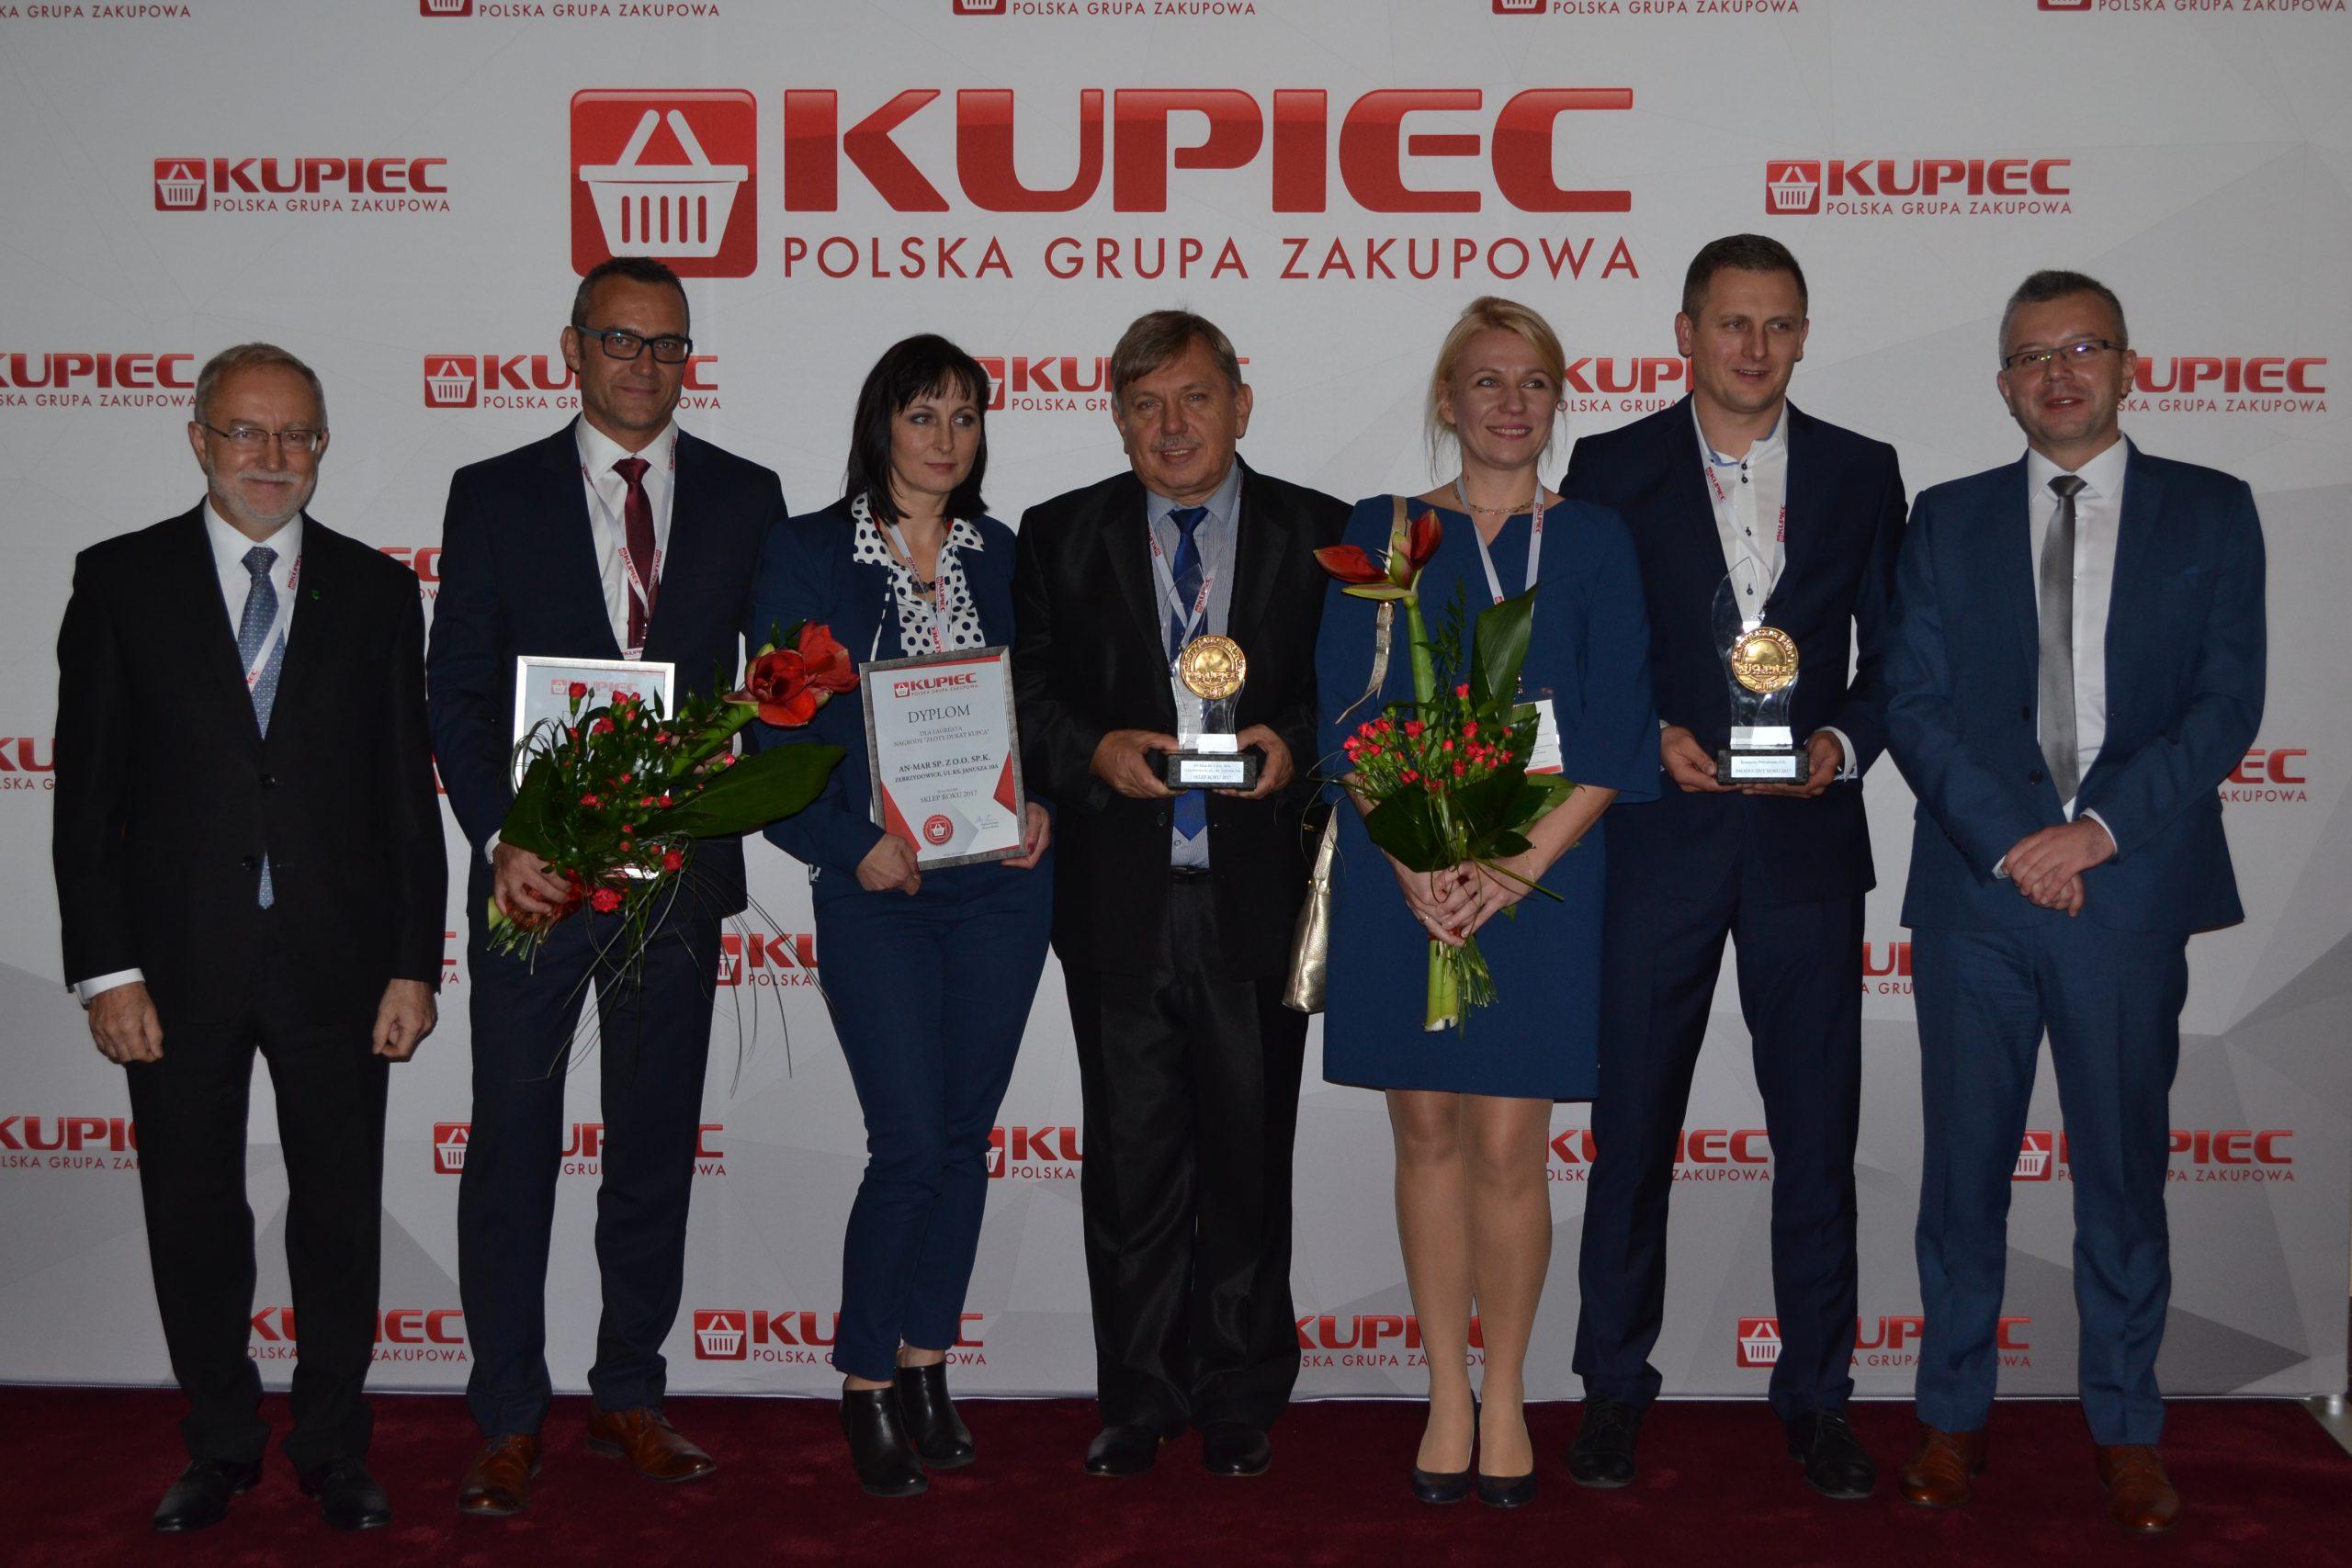 III Forum Grupy Zakupowej Kupiec